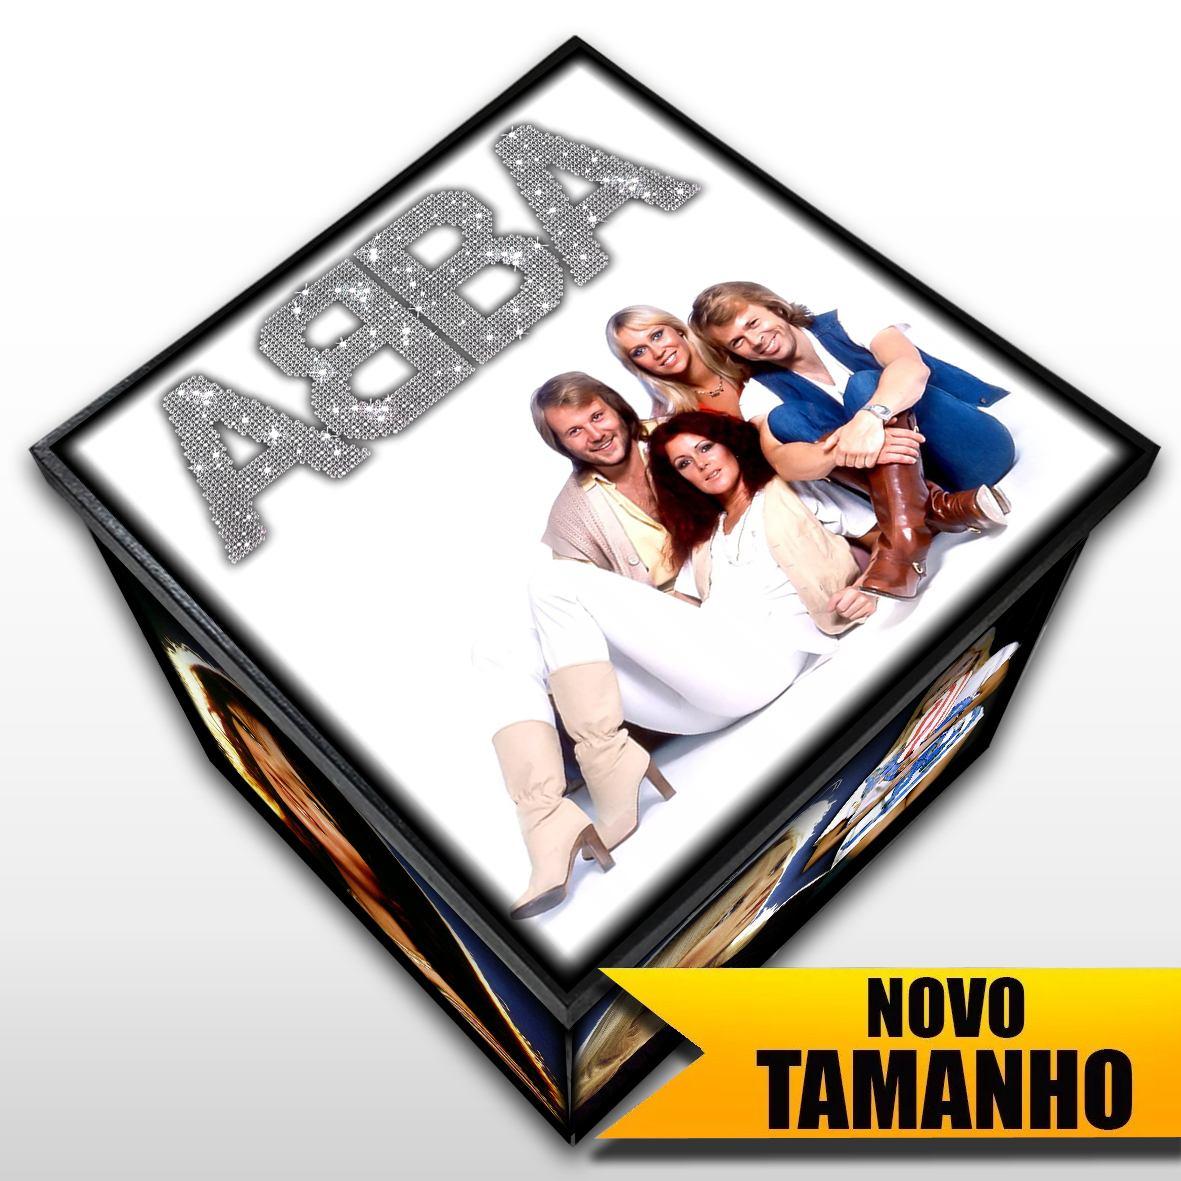 ABBA - Caixa em Madeira MDF - Tamanho Grande - Mr. Rock